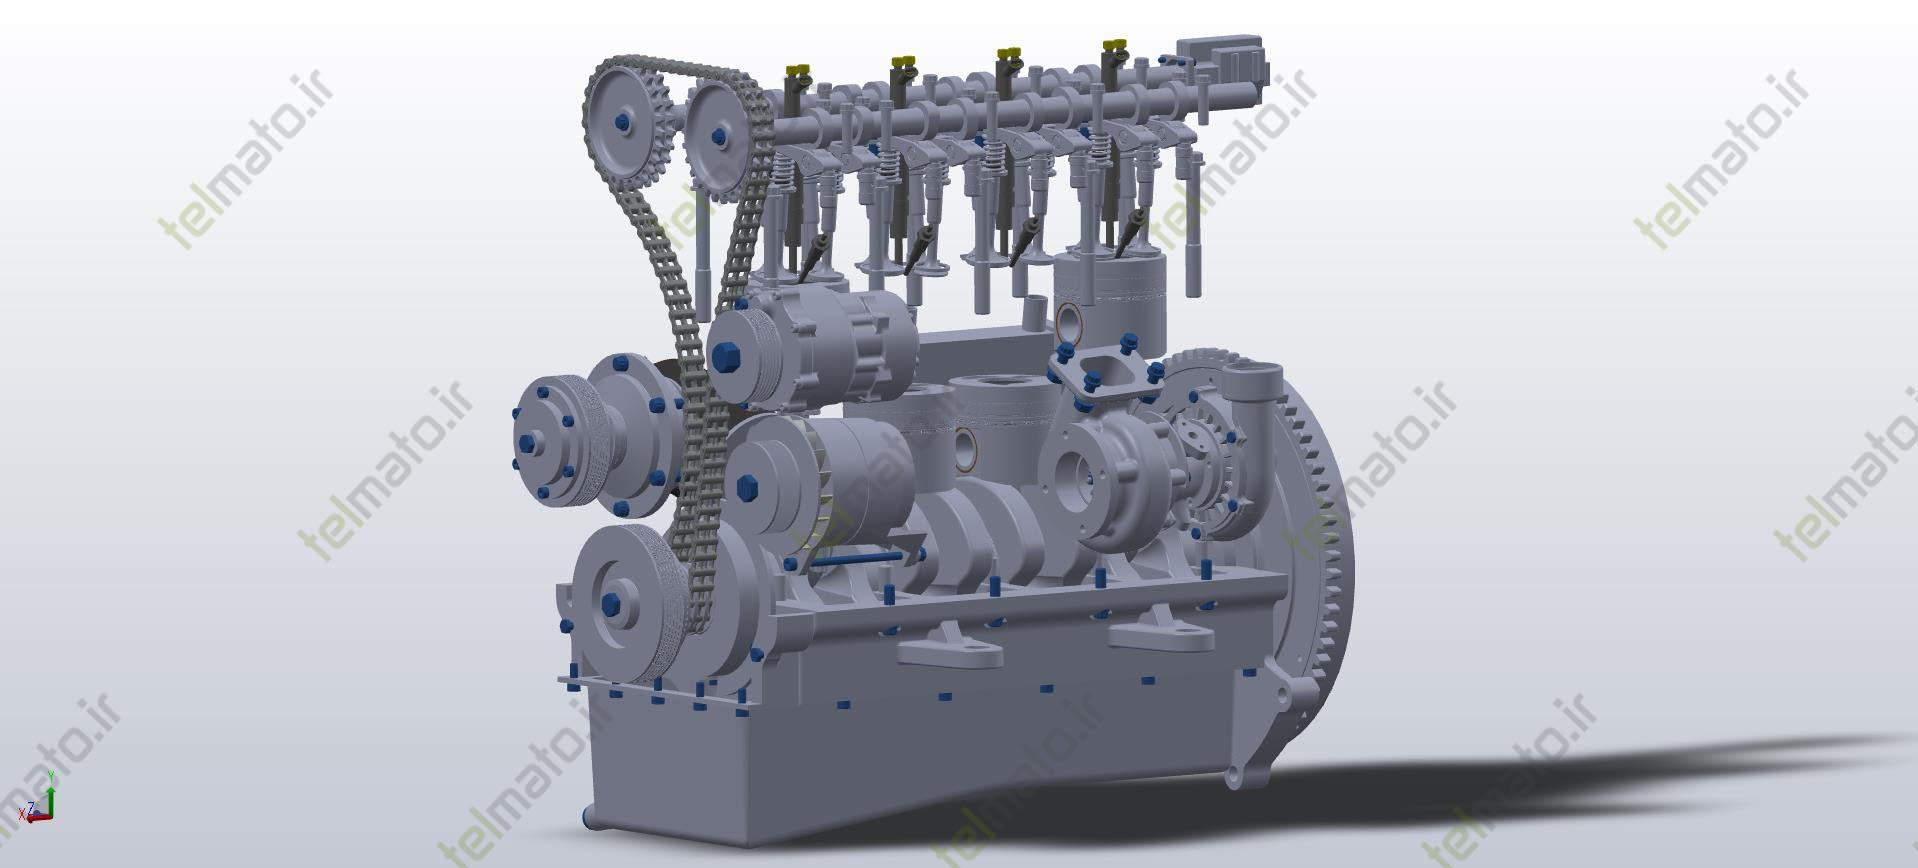 دانلود پروژه طراحی شده موتور چهار ( 4) سیلندر خطی بنزینی توسط گروه تلماتو